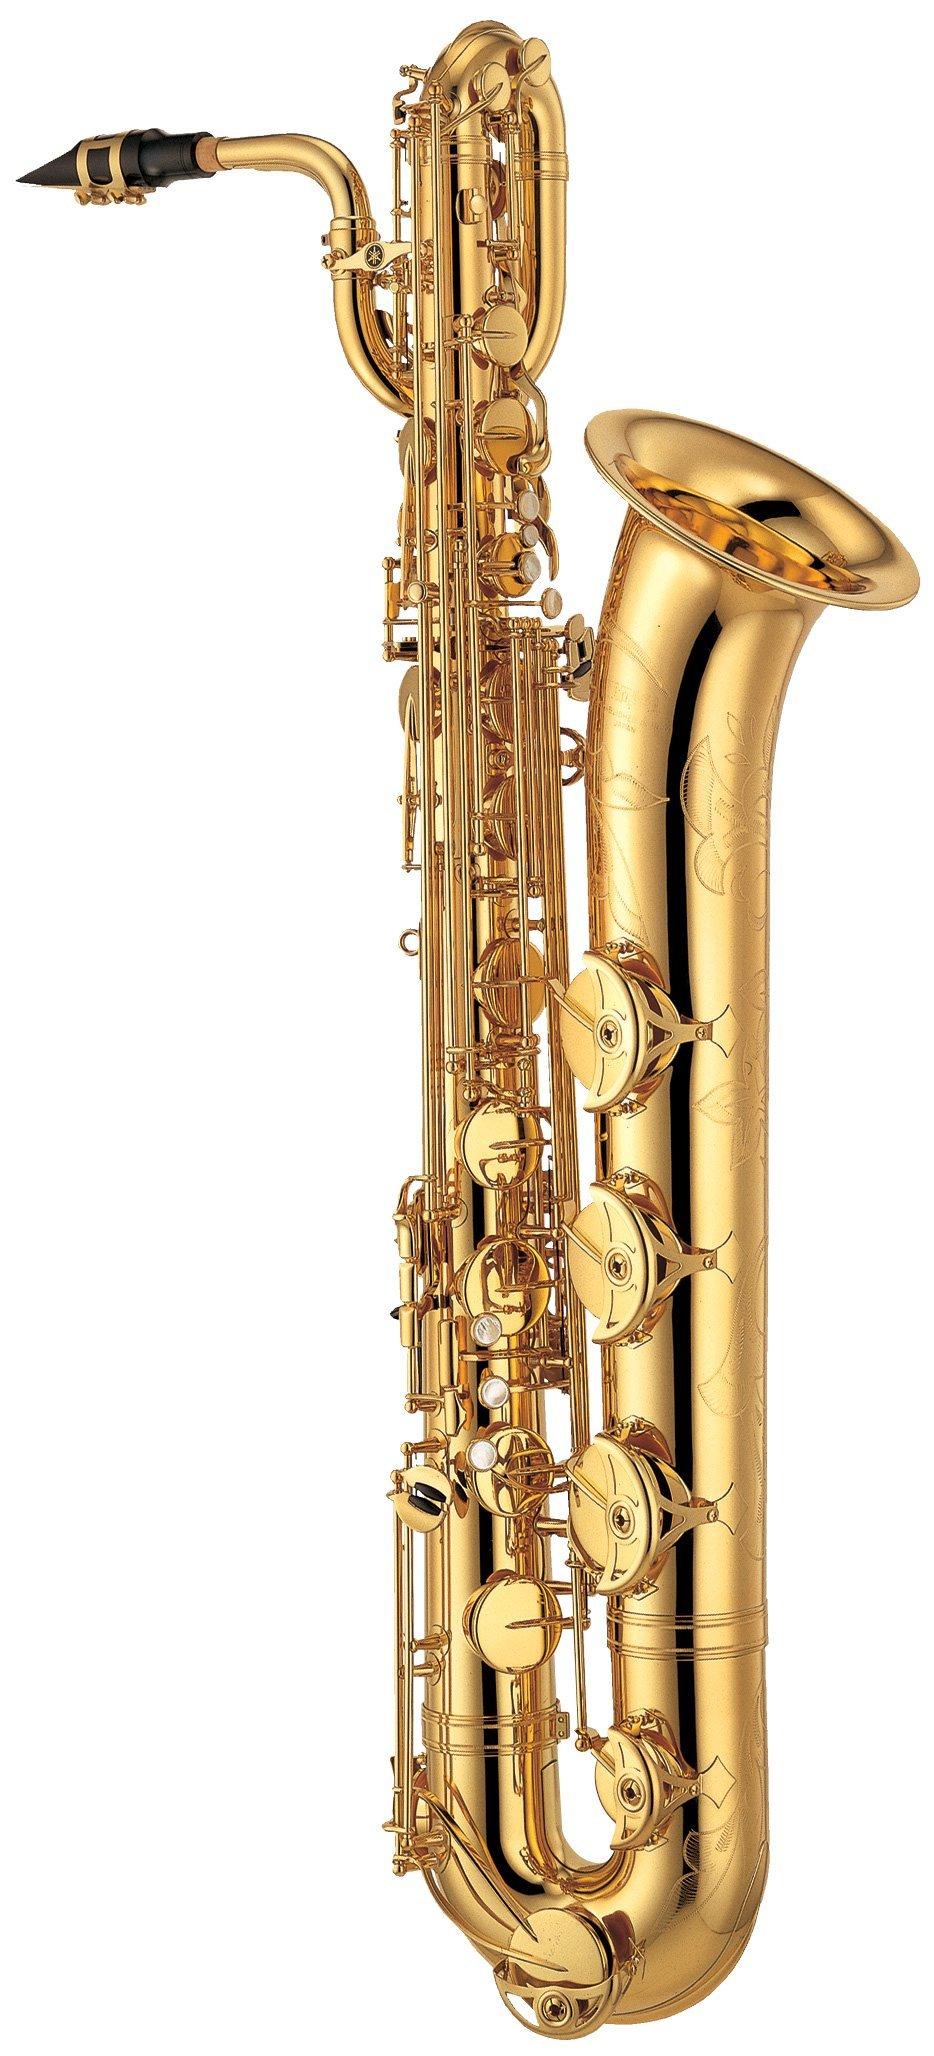 Yamaha - YBS-62-E - Holzblasinstrumente - Saxophone | MUSIK BERTRAM Deutschland Freiburg